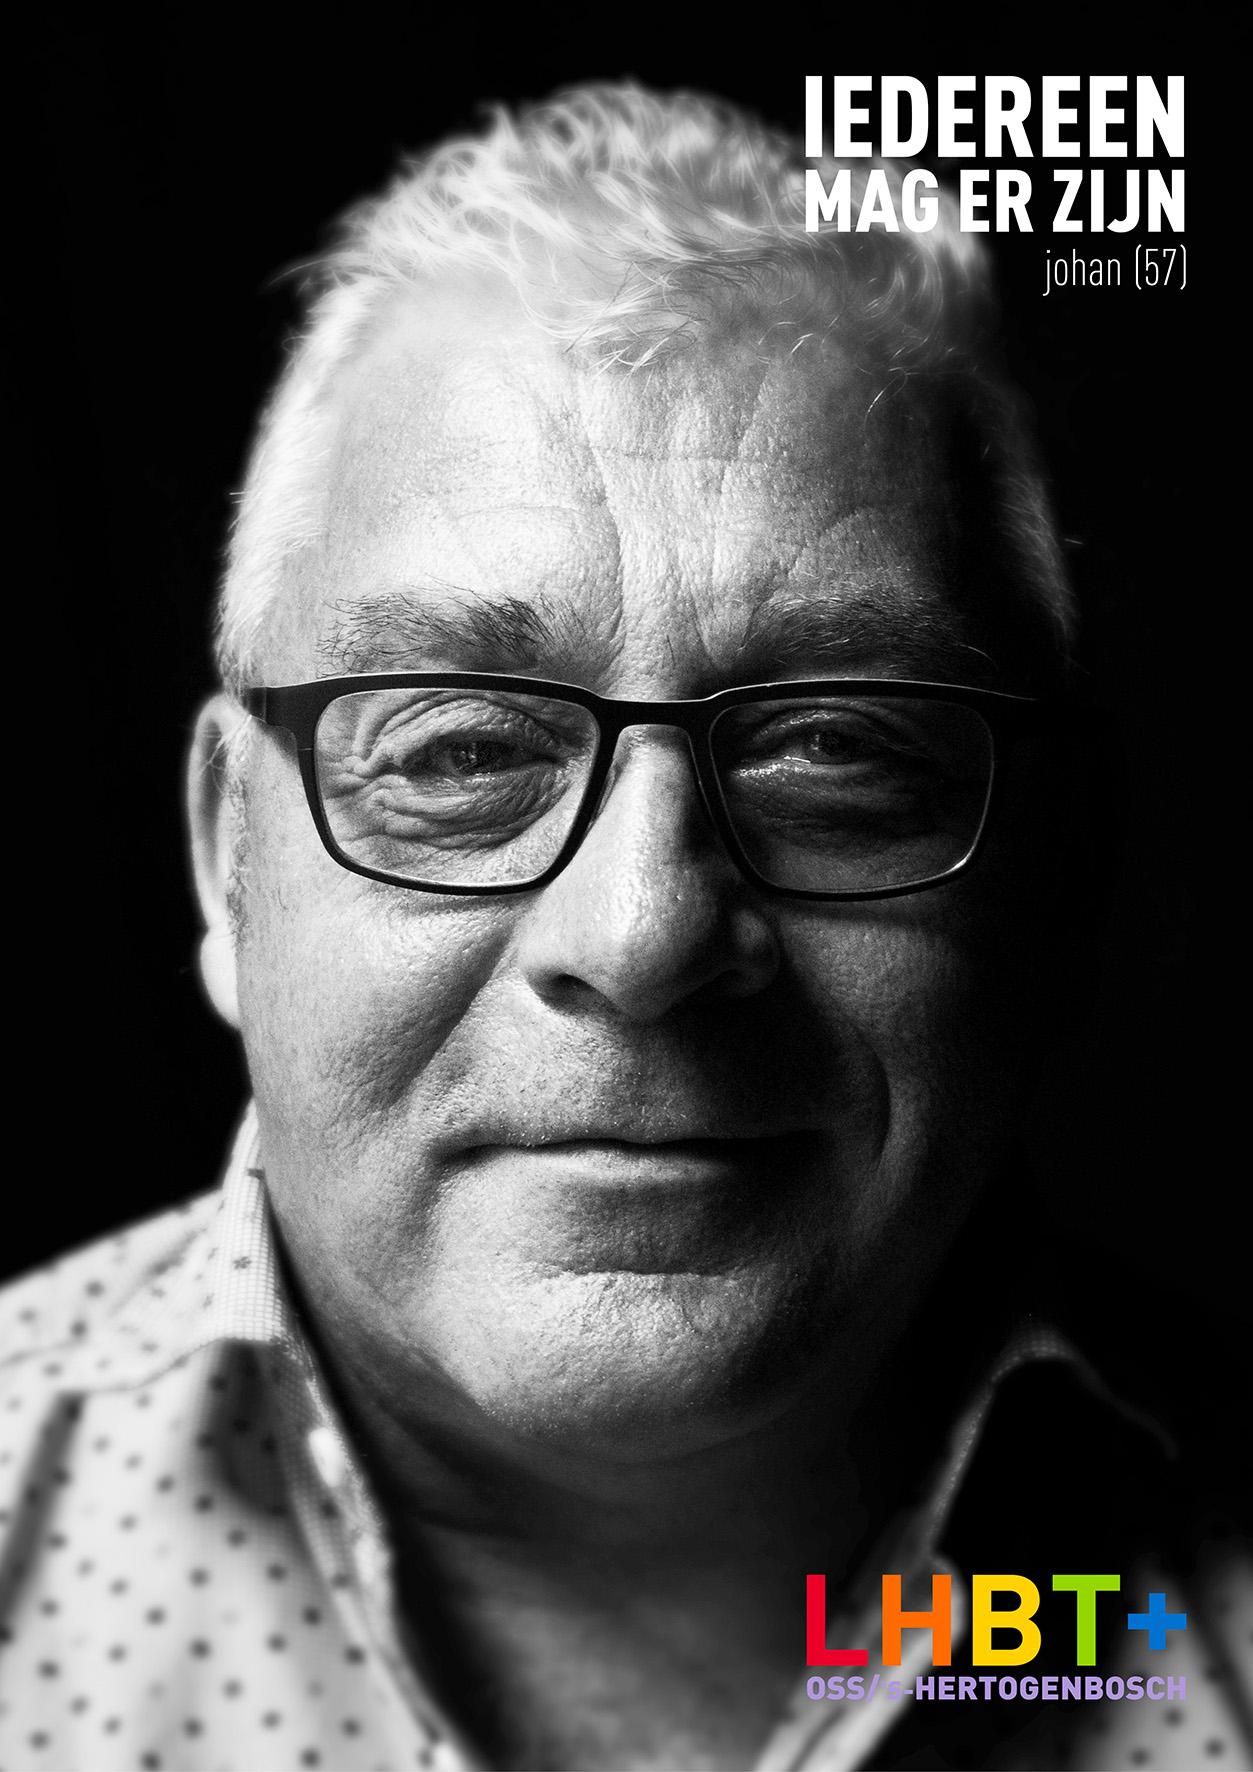 Johan Koenen [57] | uitvaartondernemer | Den Dungen